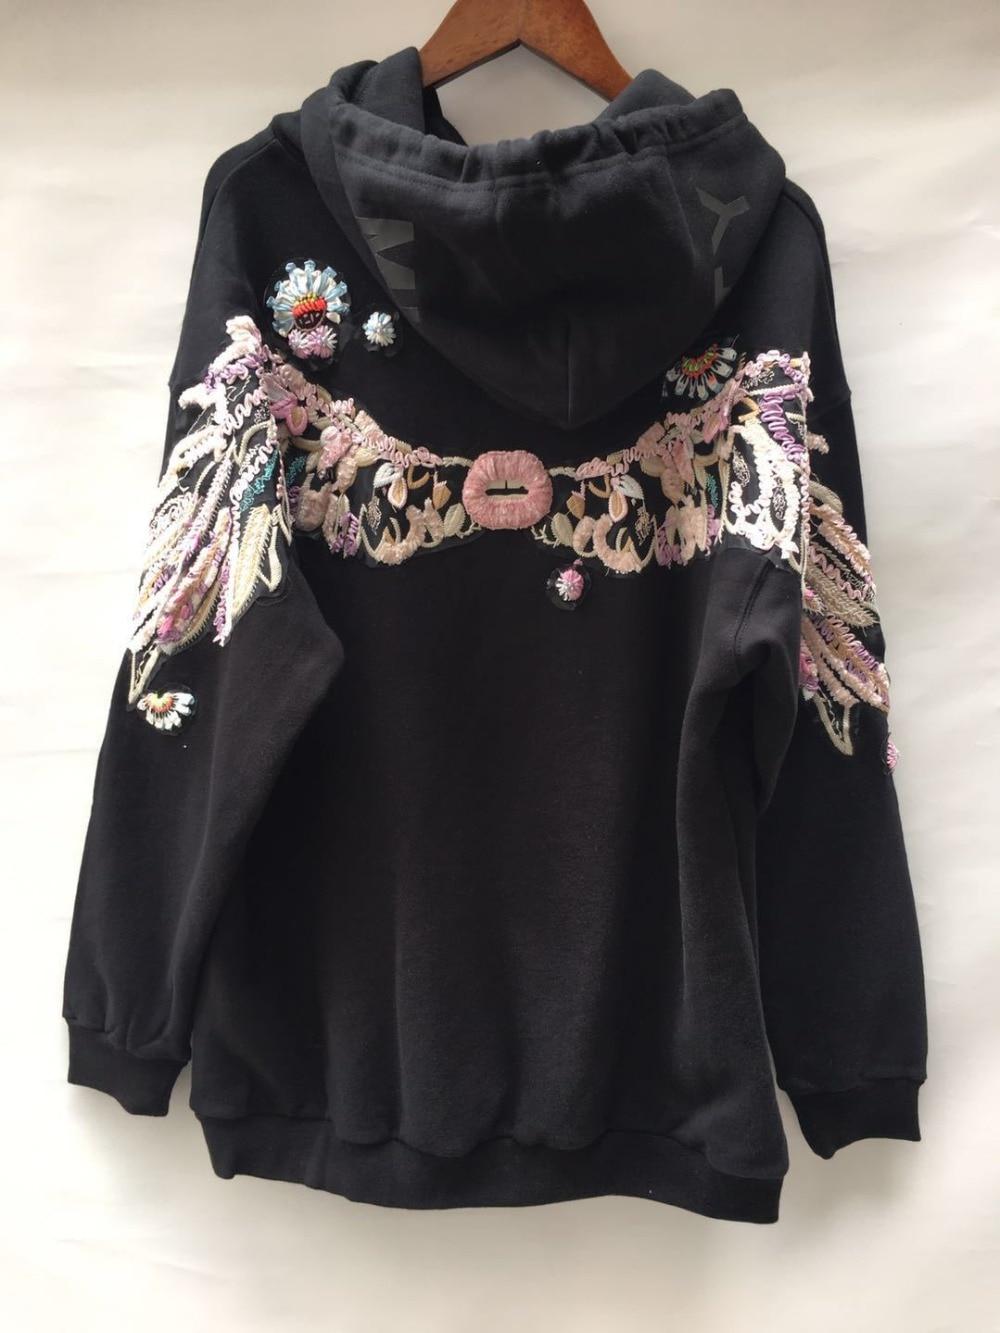 100% хлопок хорошее качество Вышивка Пуловеры Топы женские с длинным рукавом Повседневный стиль толстовки Весна Новые модные брендовые пальто gx1674 - 5